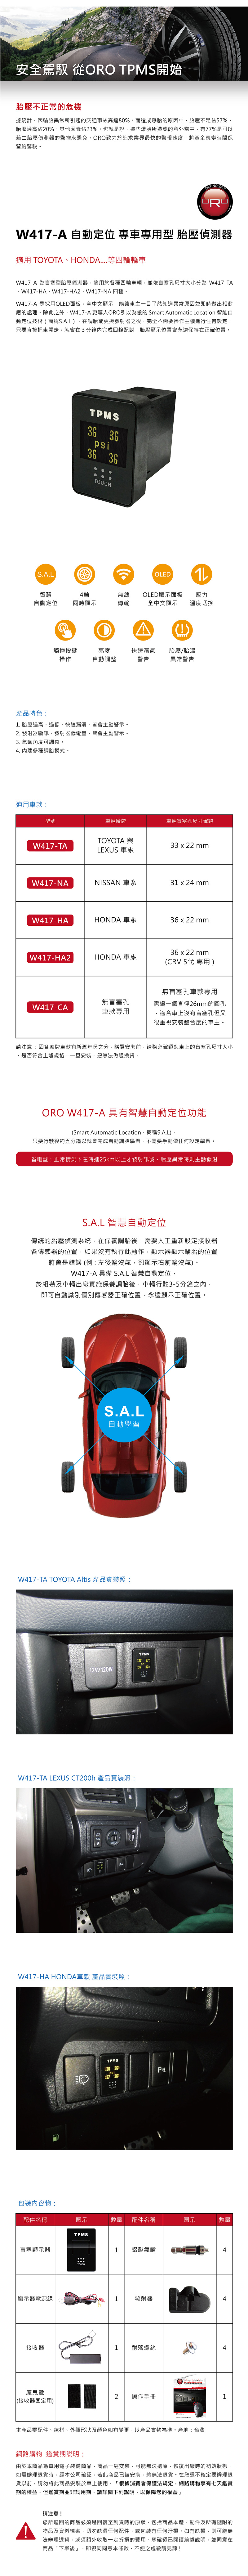 T6r【ORO W417-CA】無盲塞孔車款專用盲塞型胎壓偵測器(鑽孔型) {自動定位} 整合性高 BuBu車用品